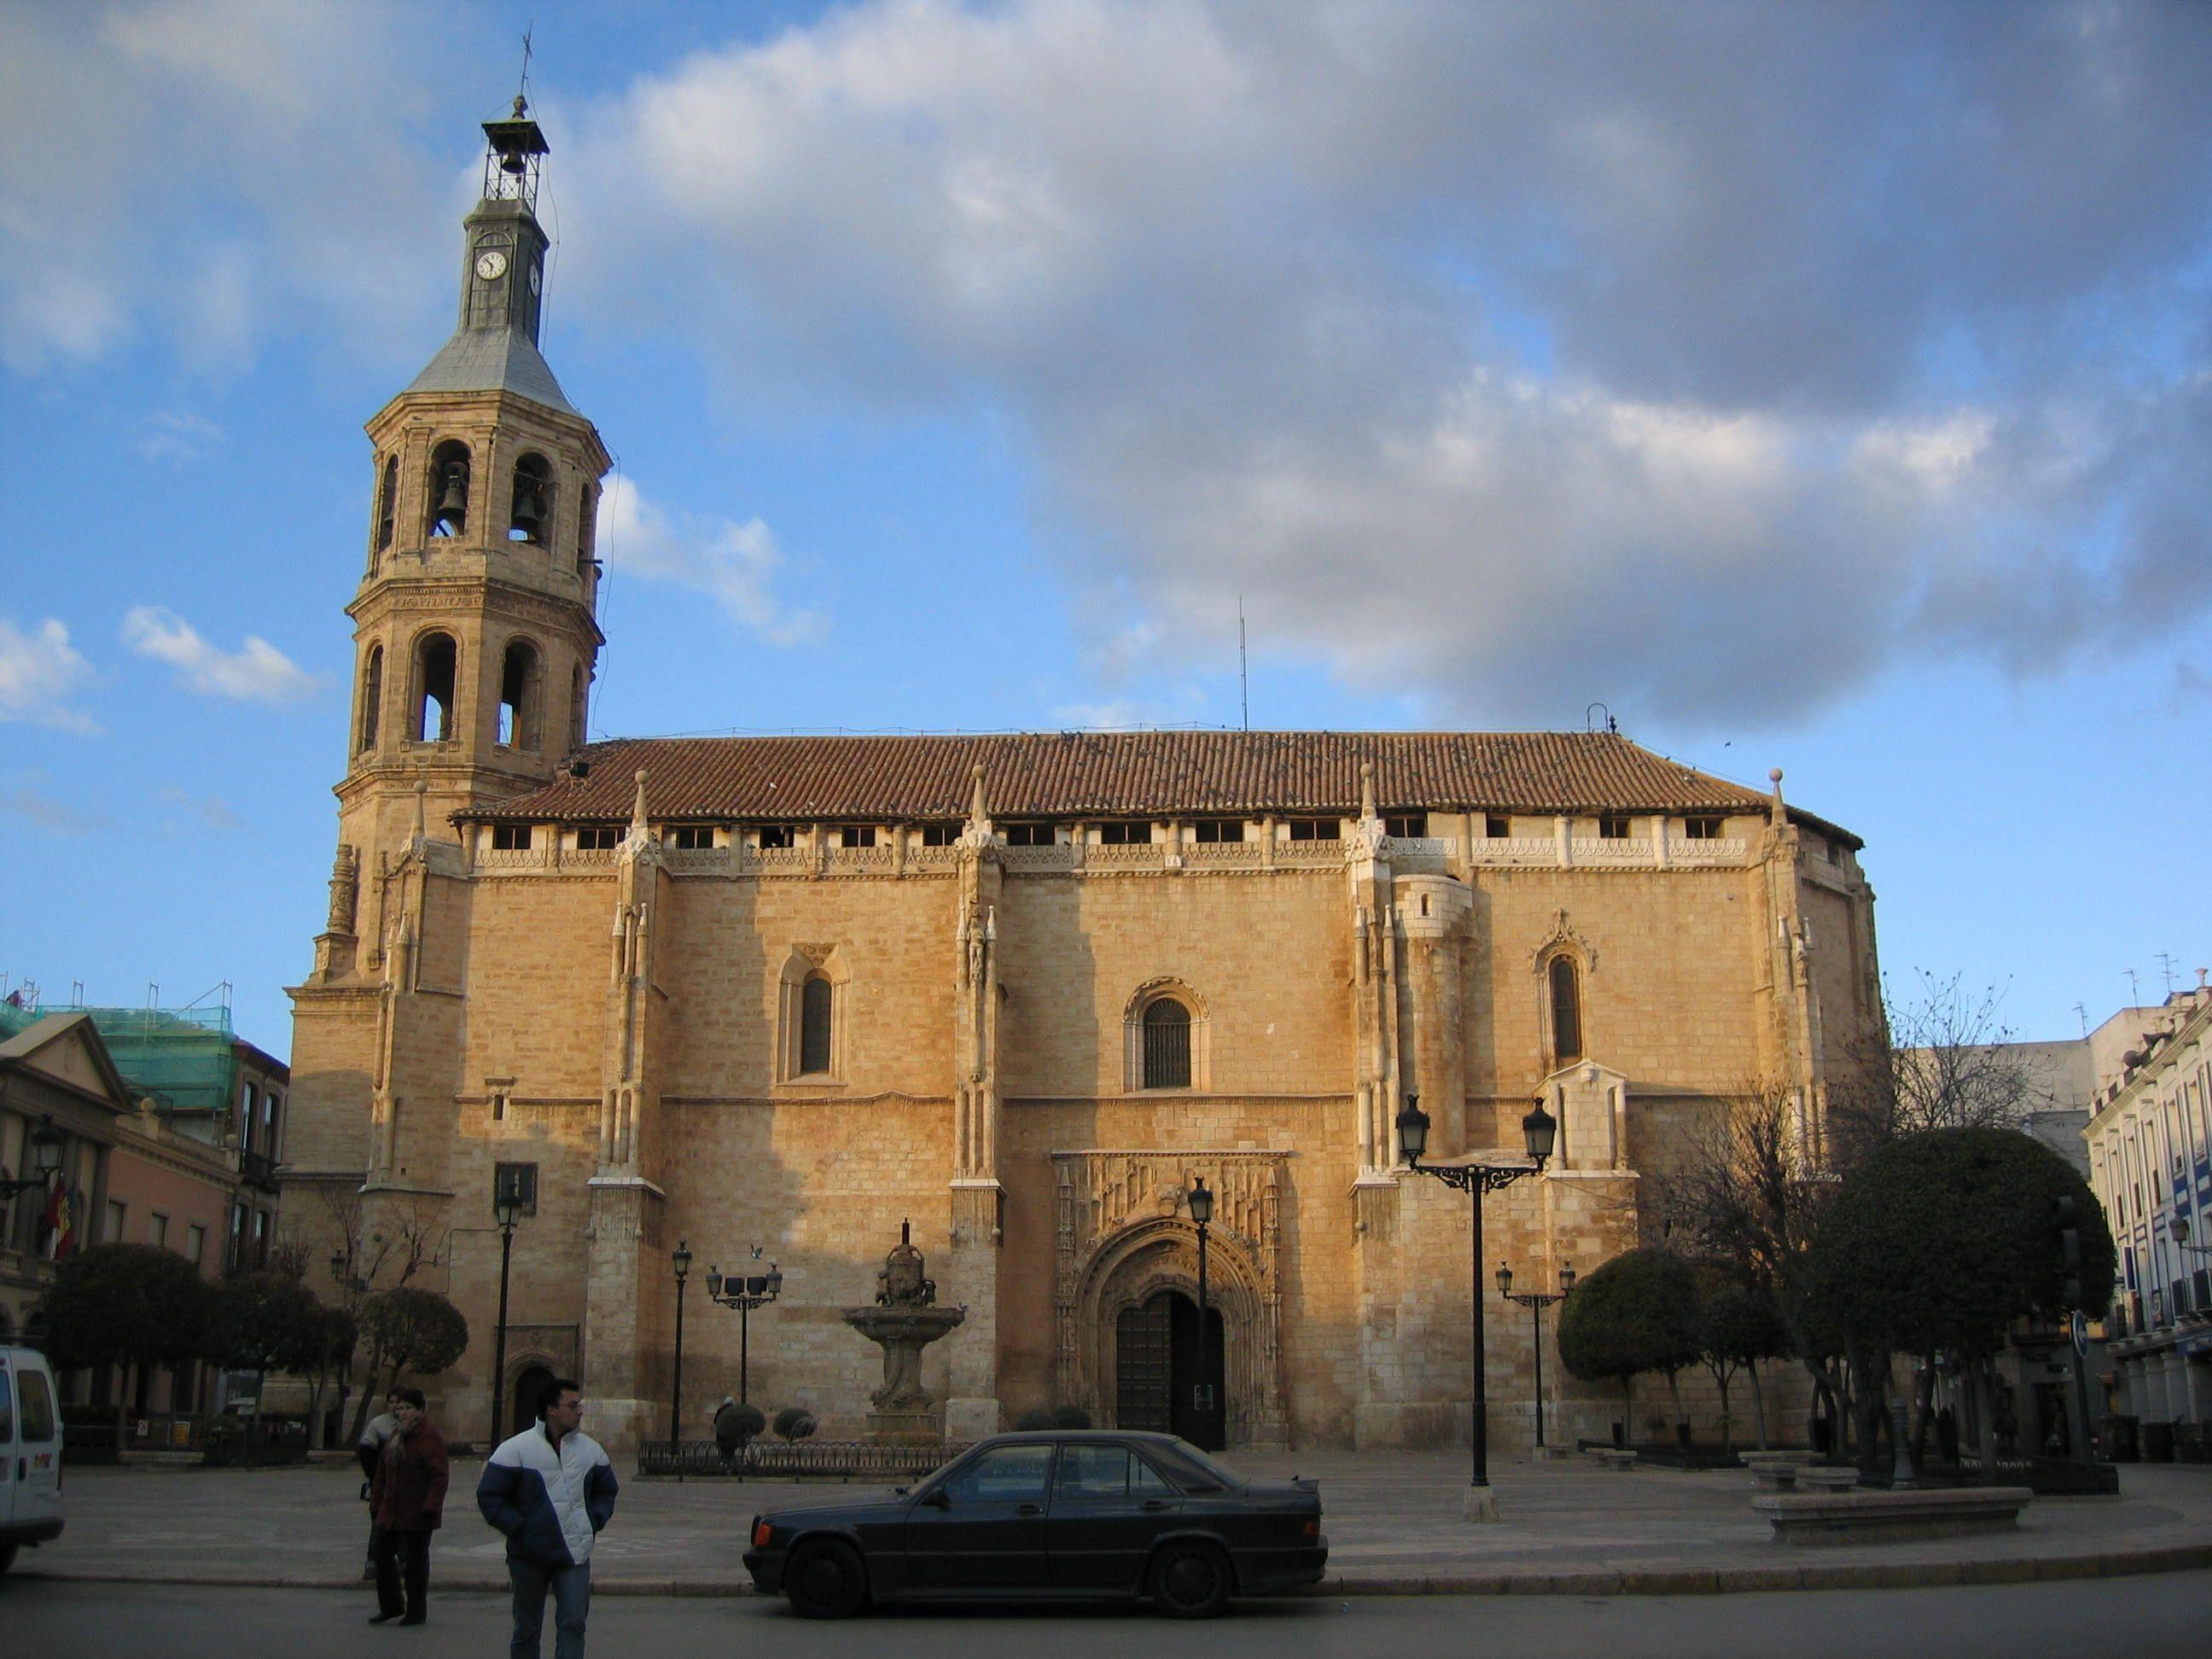 Rutas Turísticas: Servicios de Victoriano Alhambra Taxi